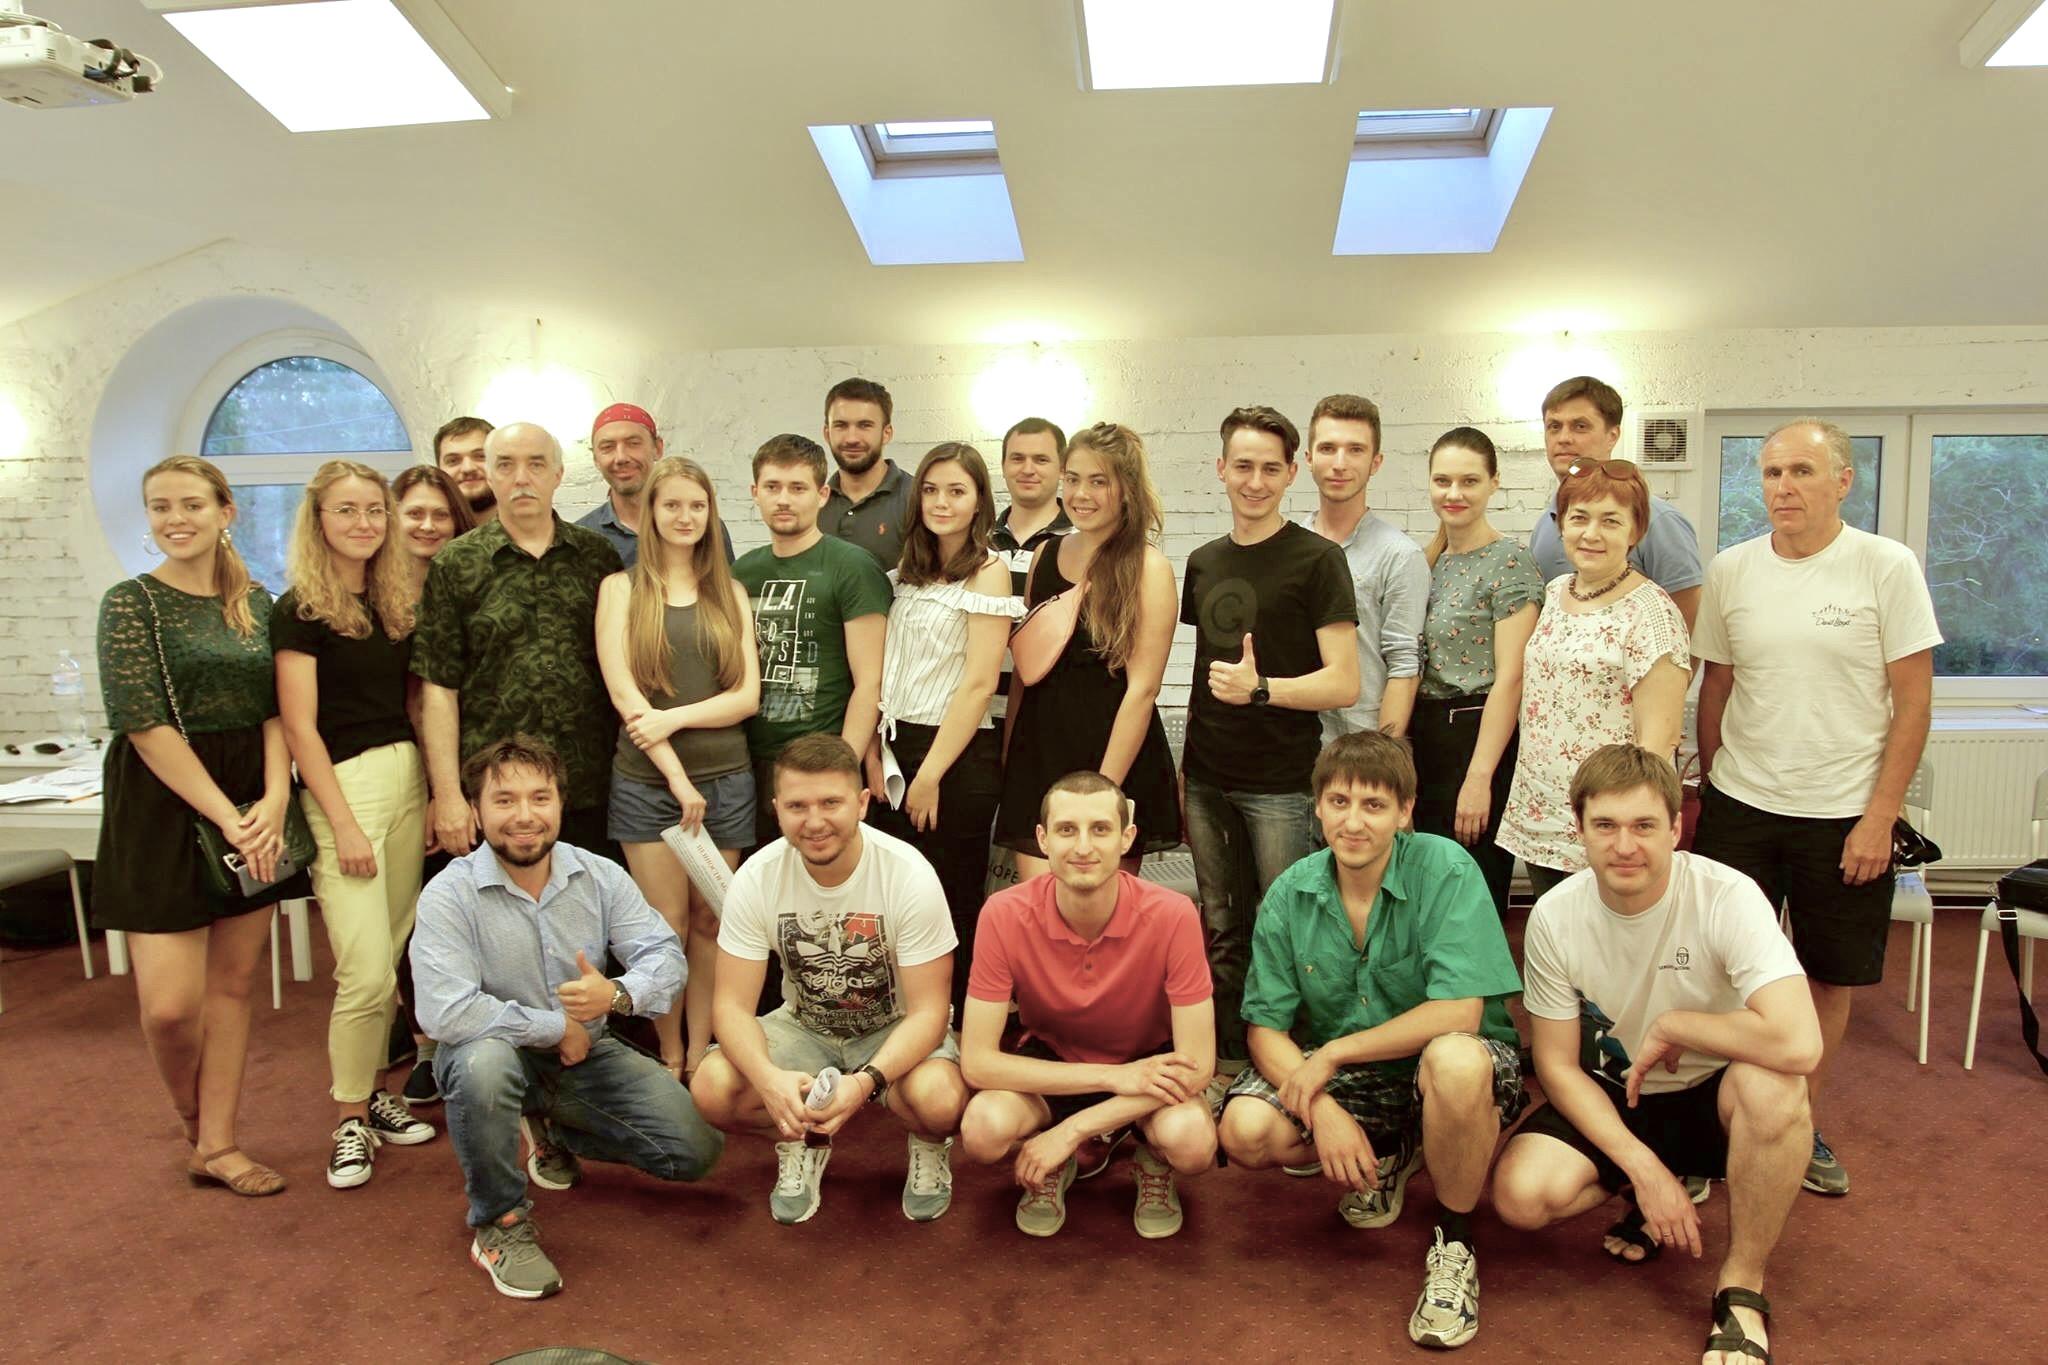 Одесский Скрам 2017. BrainRain.com.ua - корпоративные тренинги и сертификации по Аджайл, Скрам, Менеджмент30.